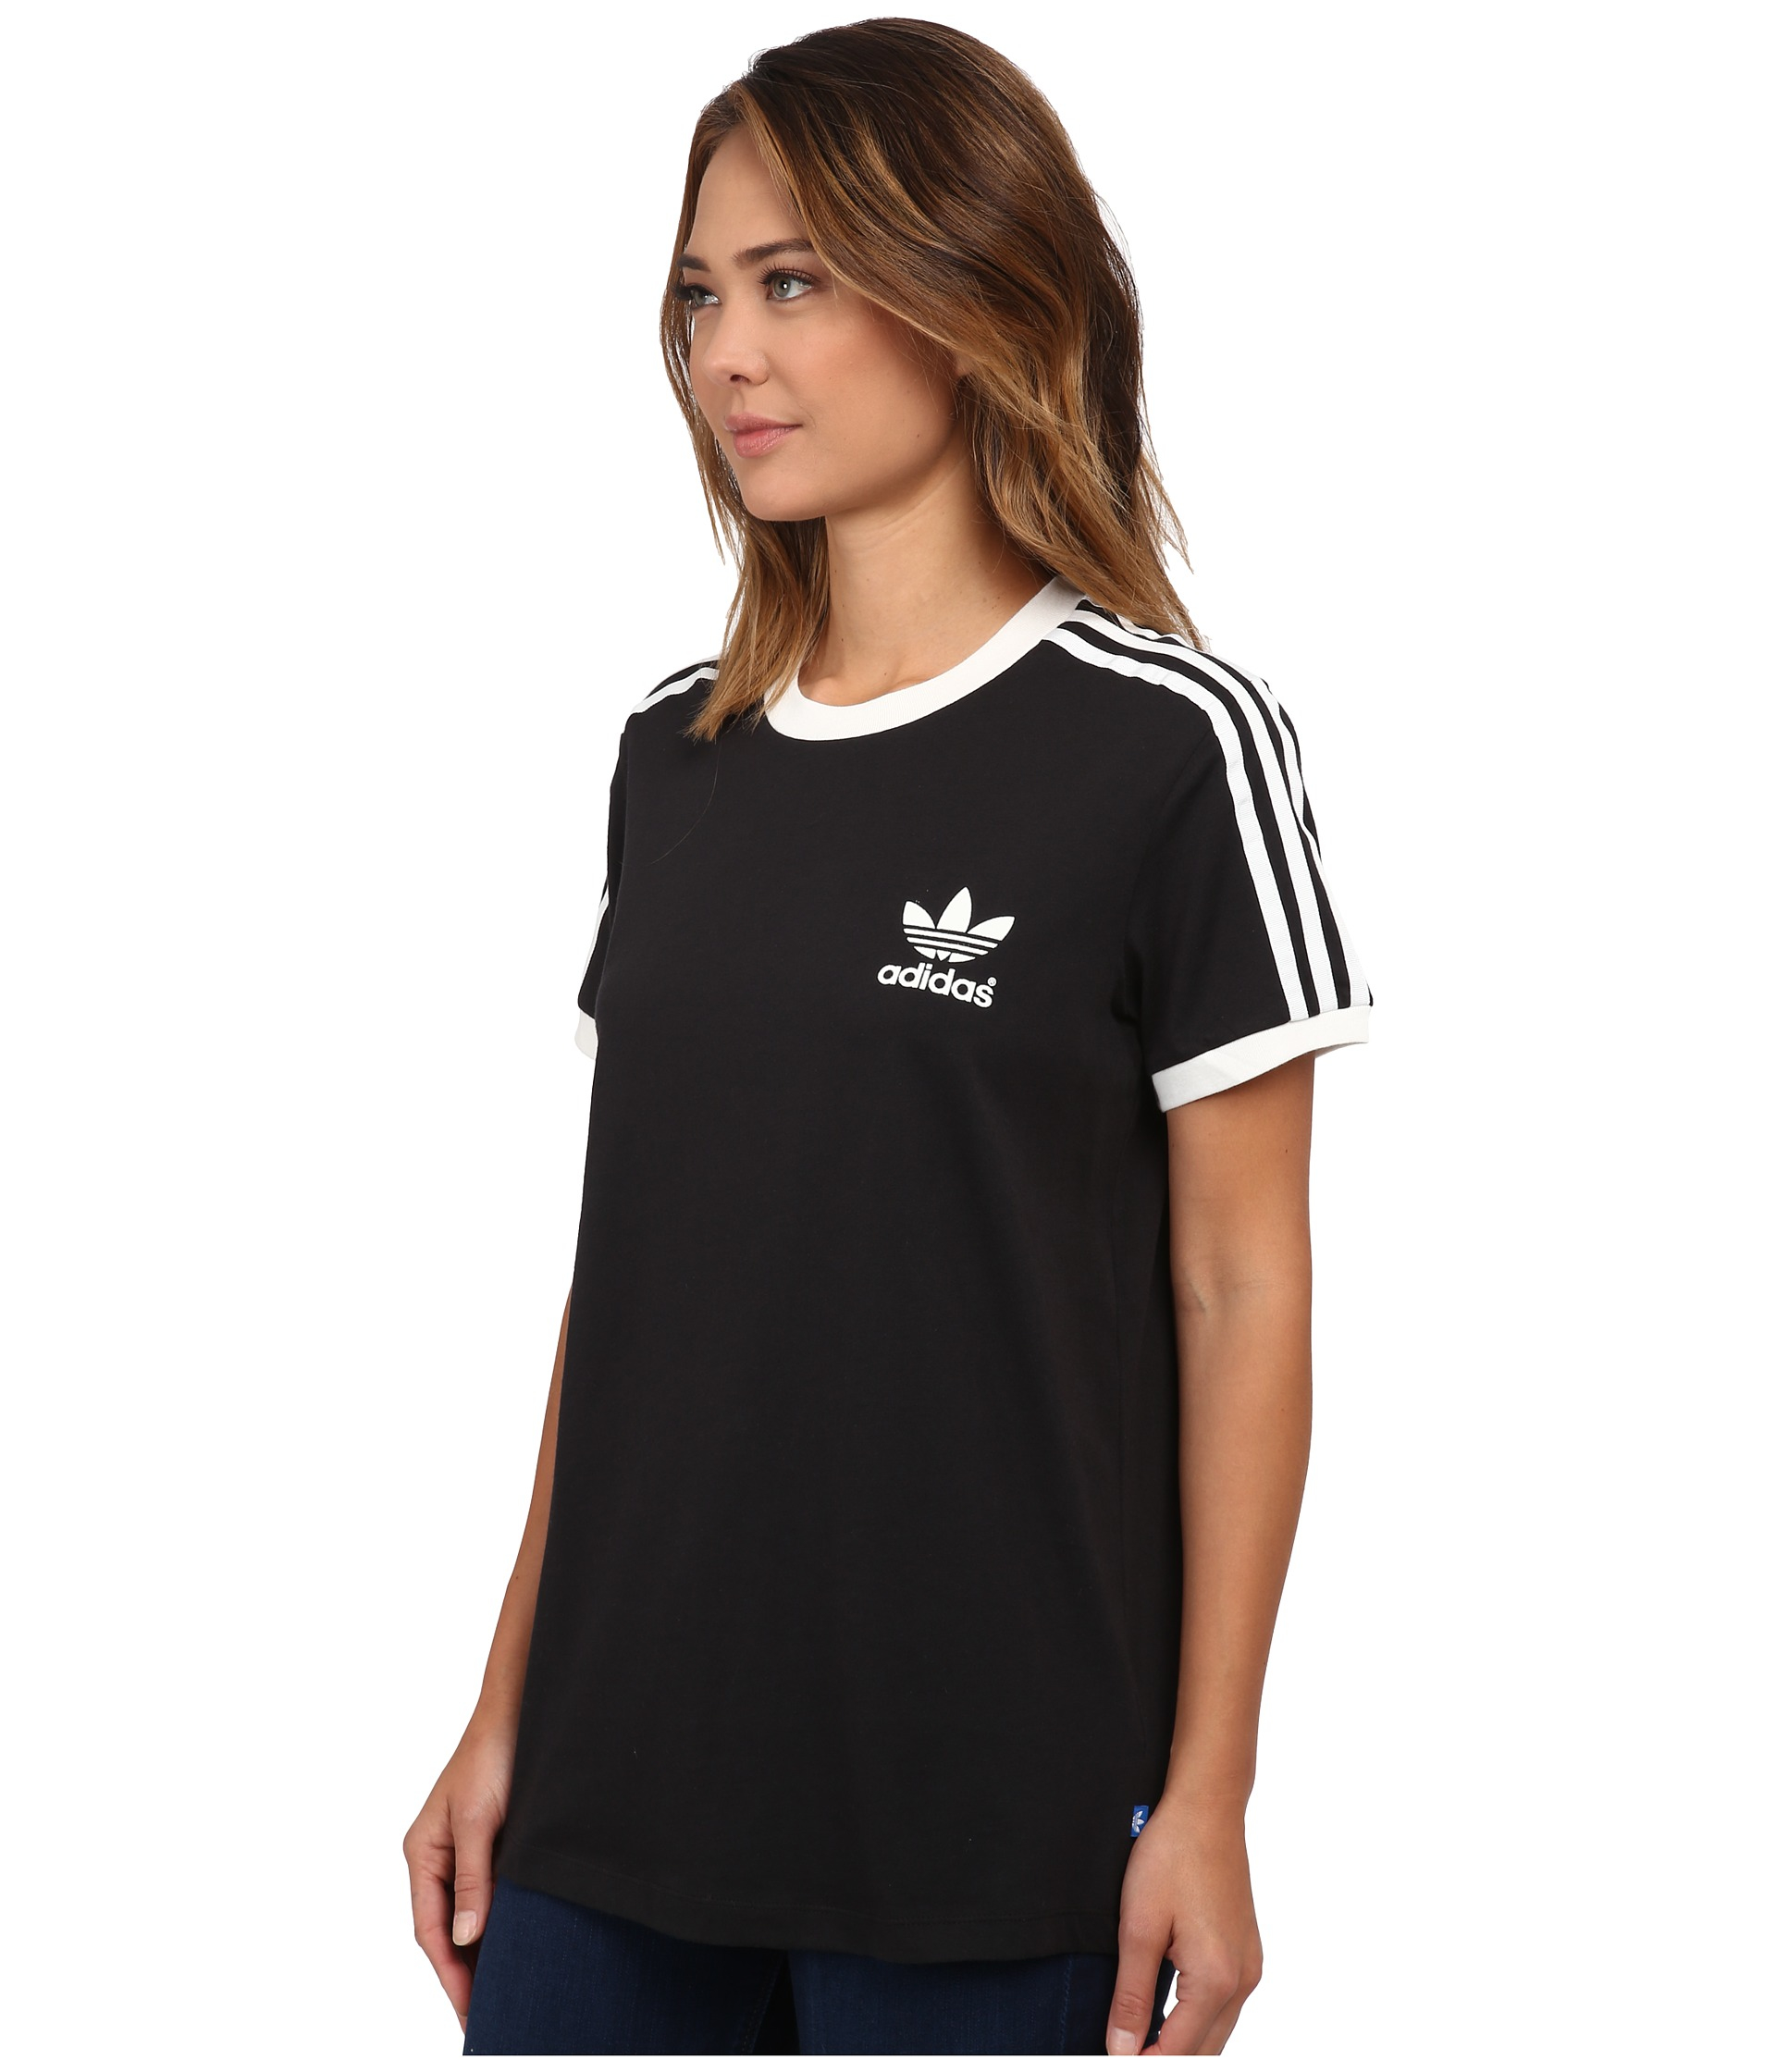 778fd19c49 adidas Originals 3-stripes Tee in Black - Lyst